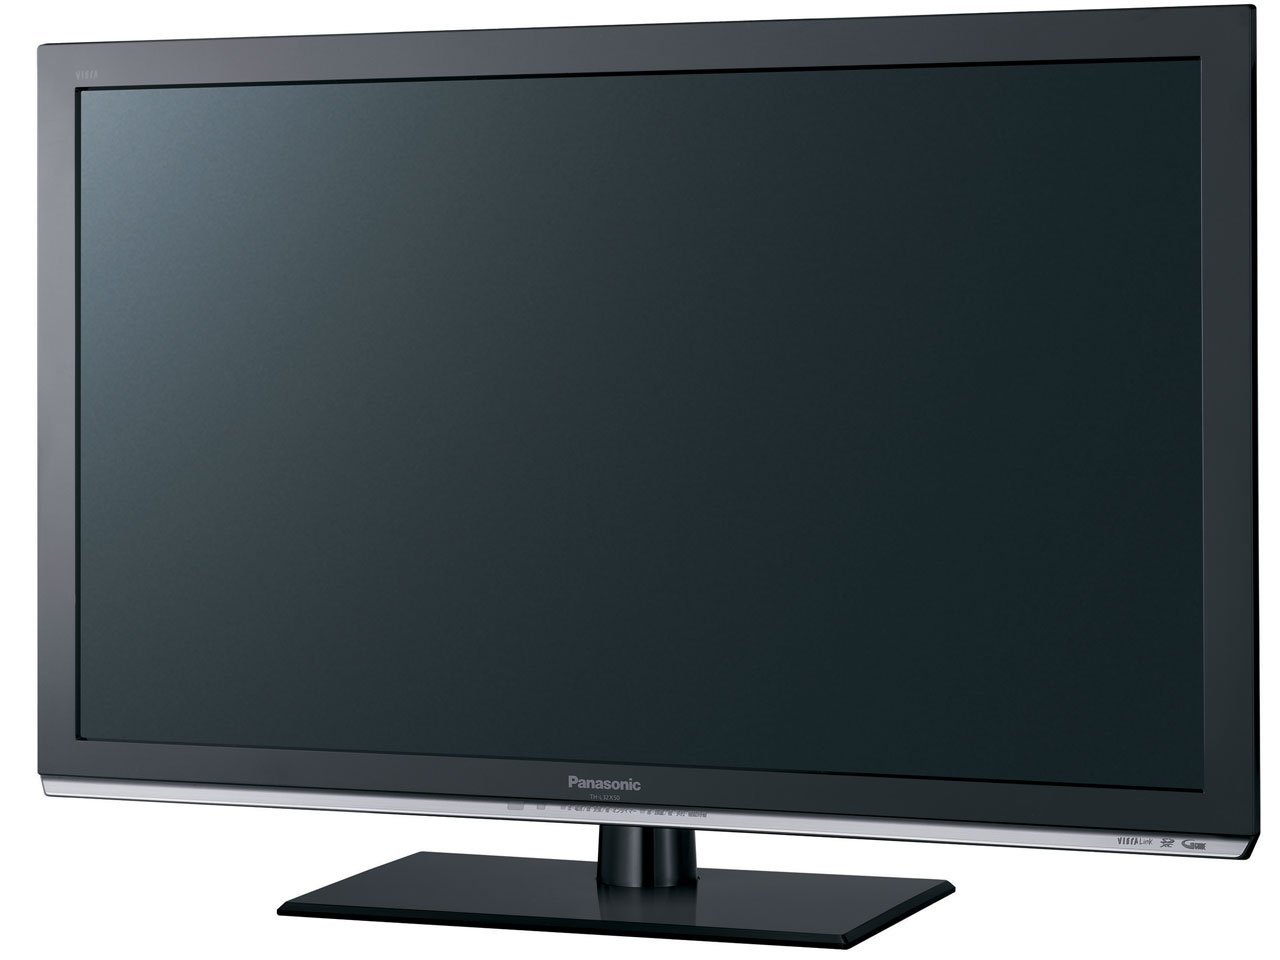 パナソニック 32V型 液晶テレビ ビエラ TH-L32X50 ハイビジョン   2012年モデル 32型  B0089IGY2S